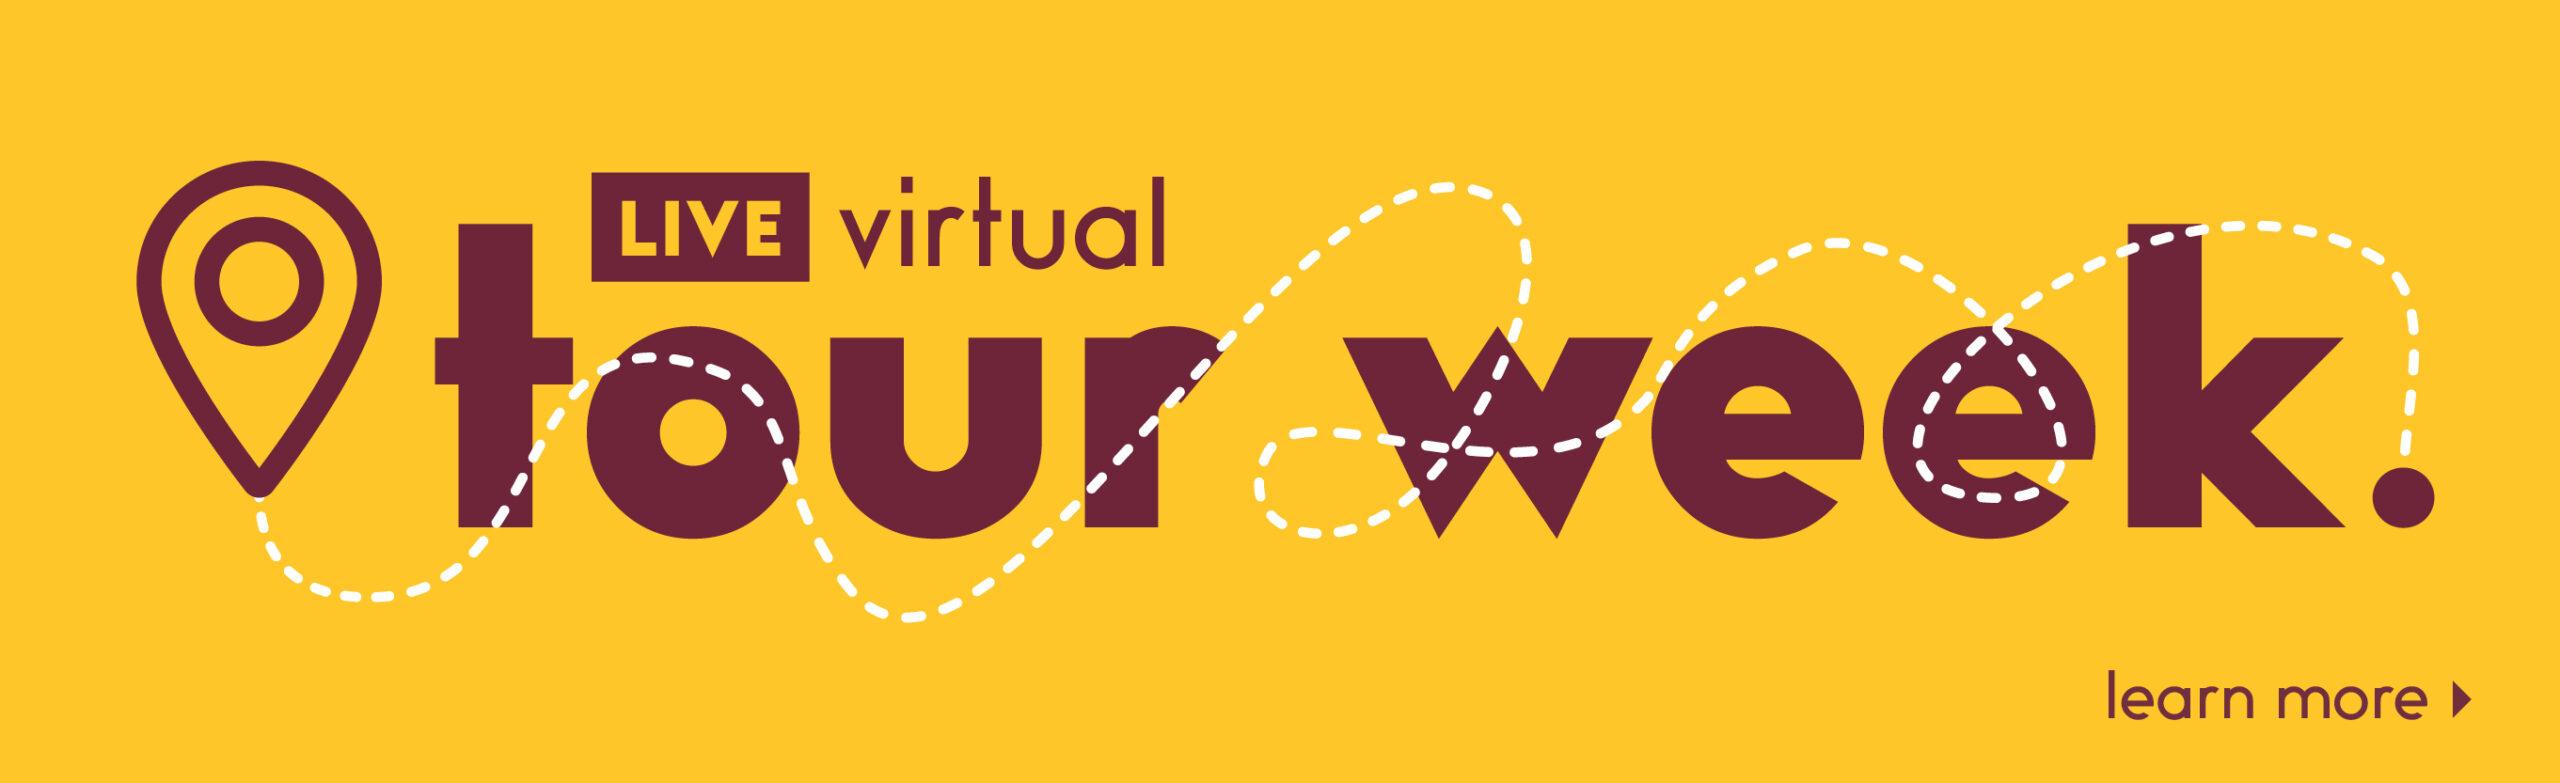 Live Virtual Tour Week